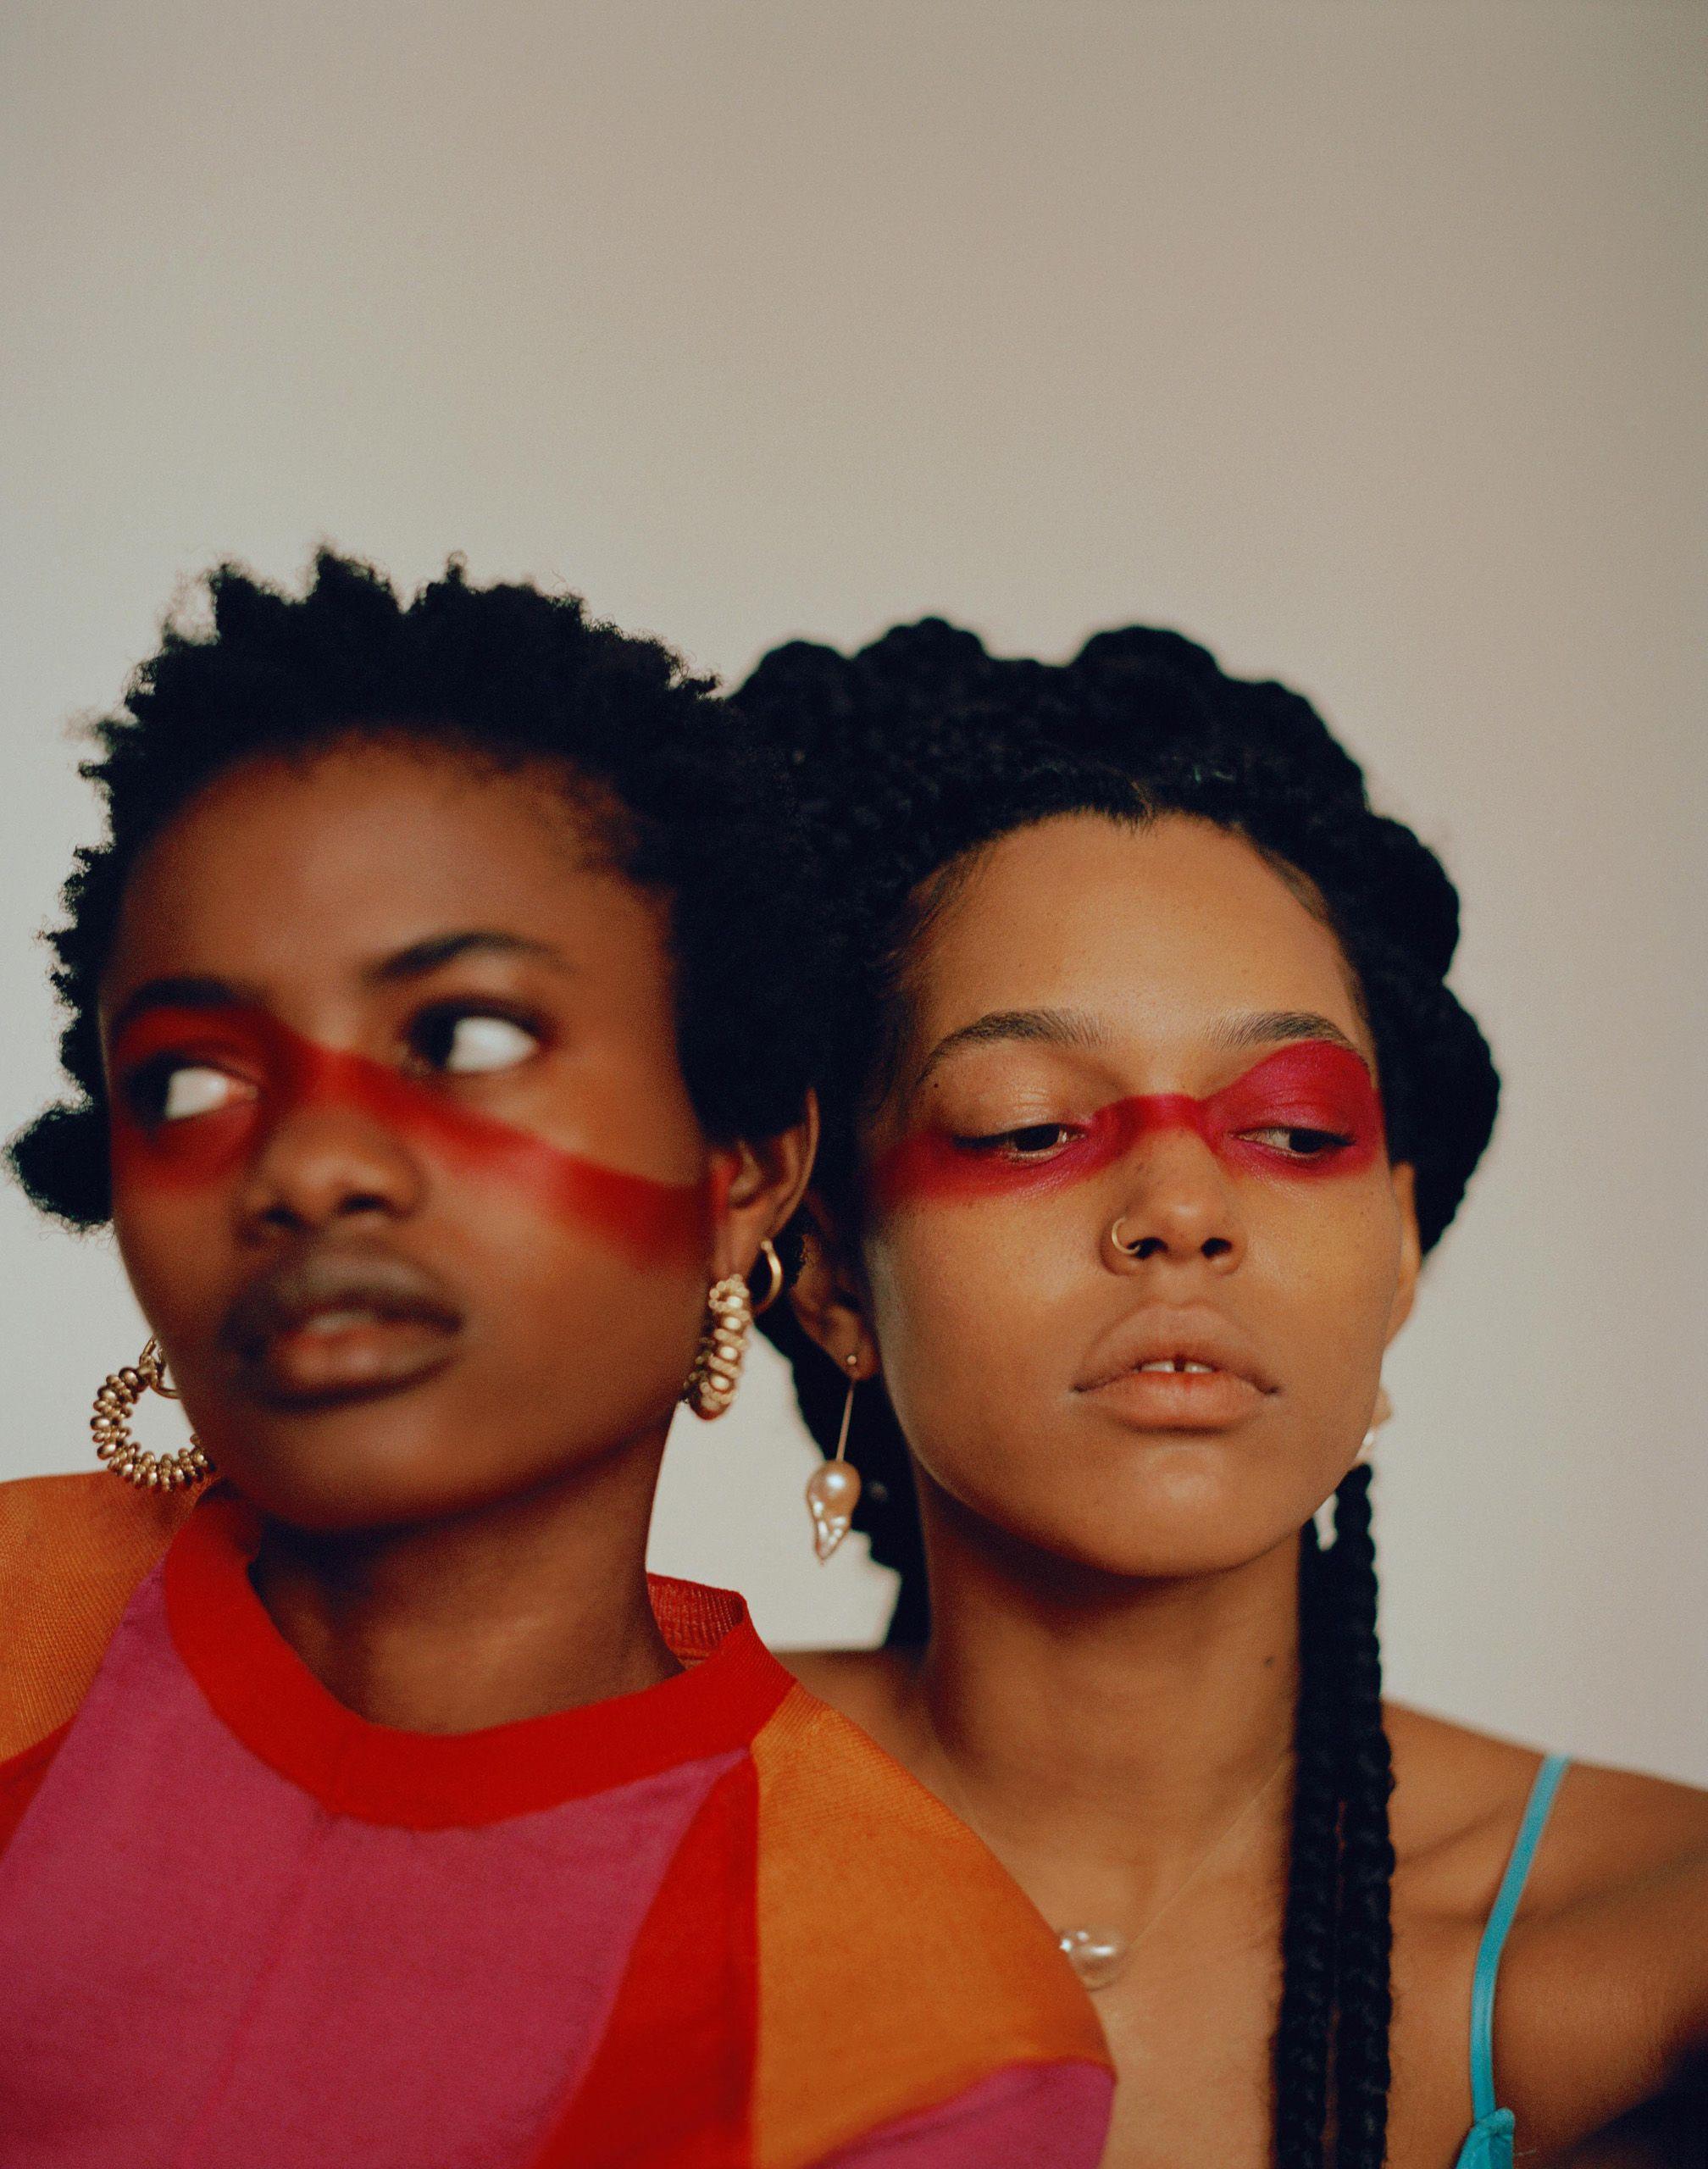 portrait deux femmes assises au sol avec maquillage rouge sur leur visage pour vogue arabia